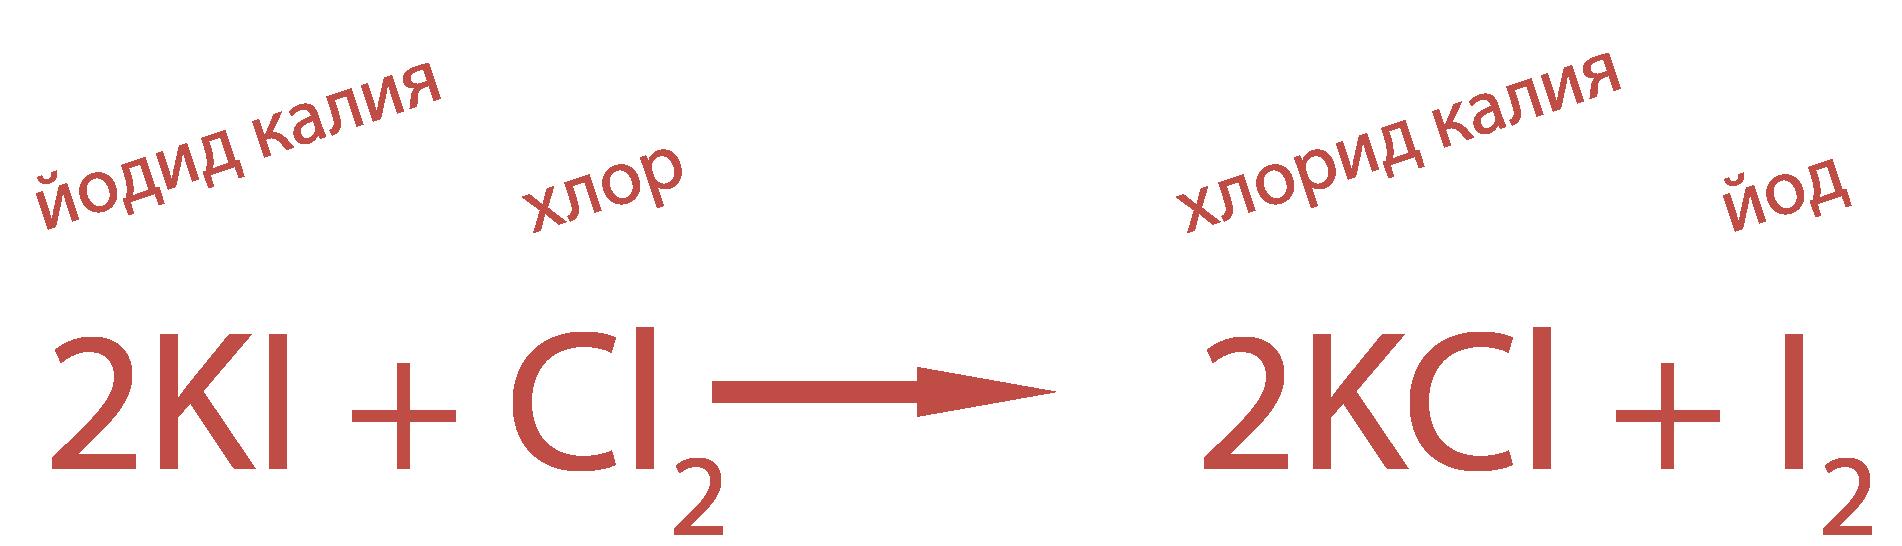 промышленный метод получения йода